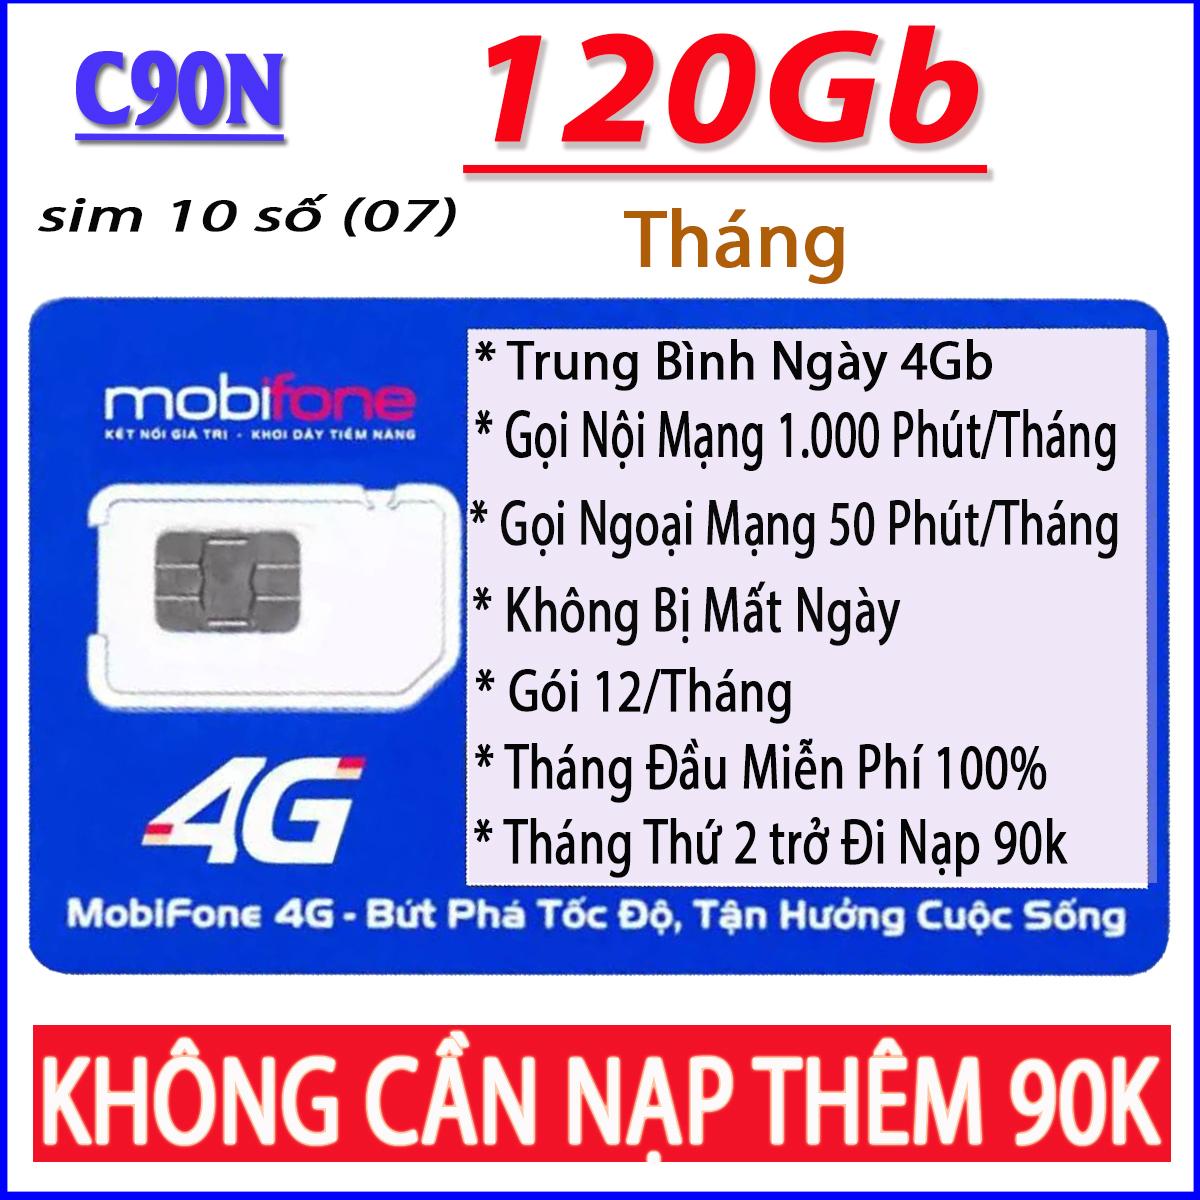 SIM 4G Mobifone C90N   10 Số (07) Tặng 120Gb + 1.000 Phút Nội Mạng + 50 Phút Ngoại Mạng Đang Khuyến Mãi